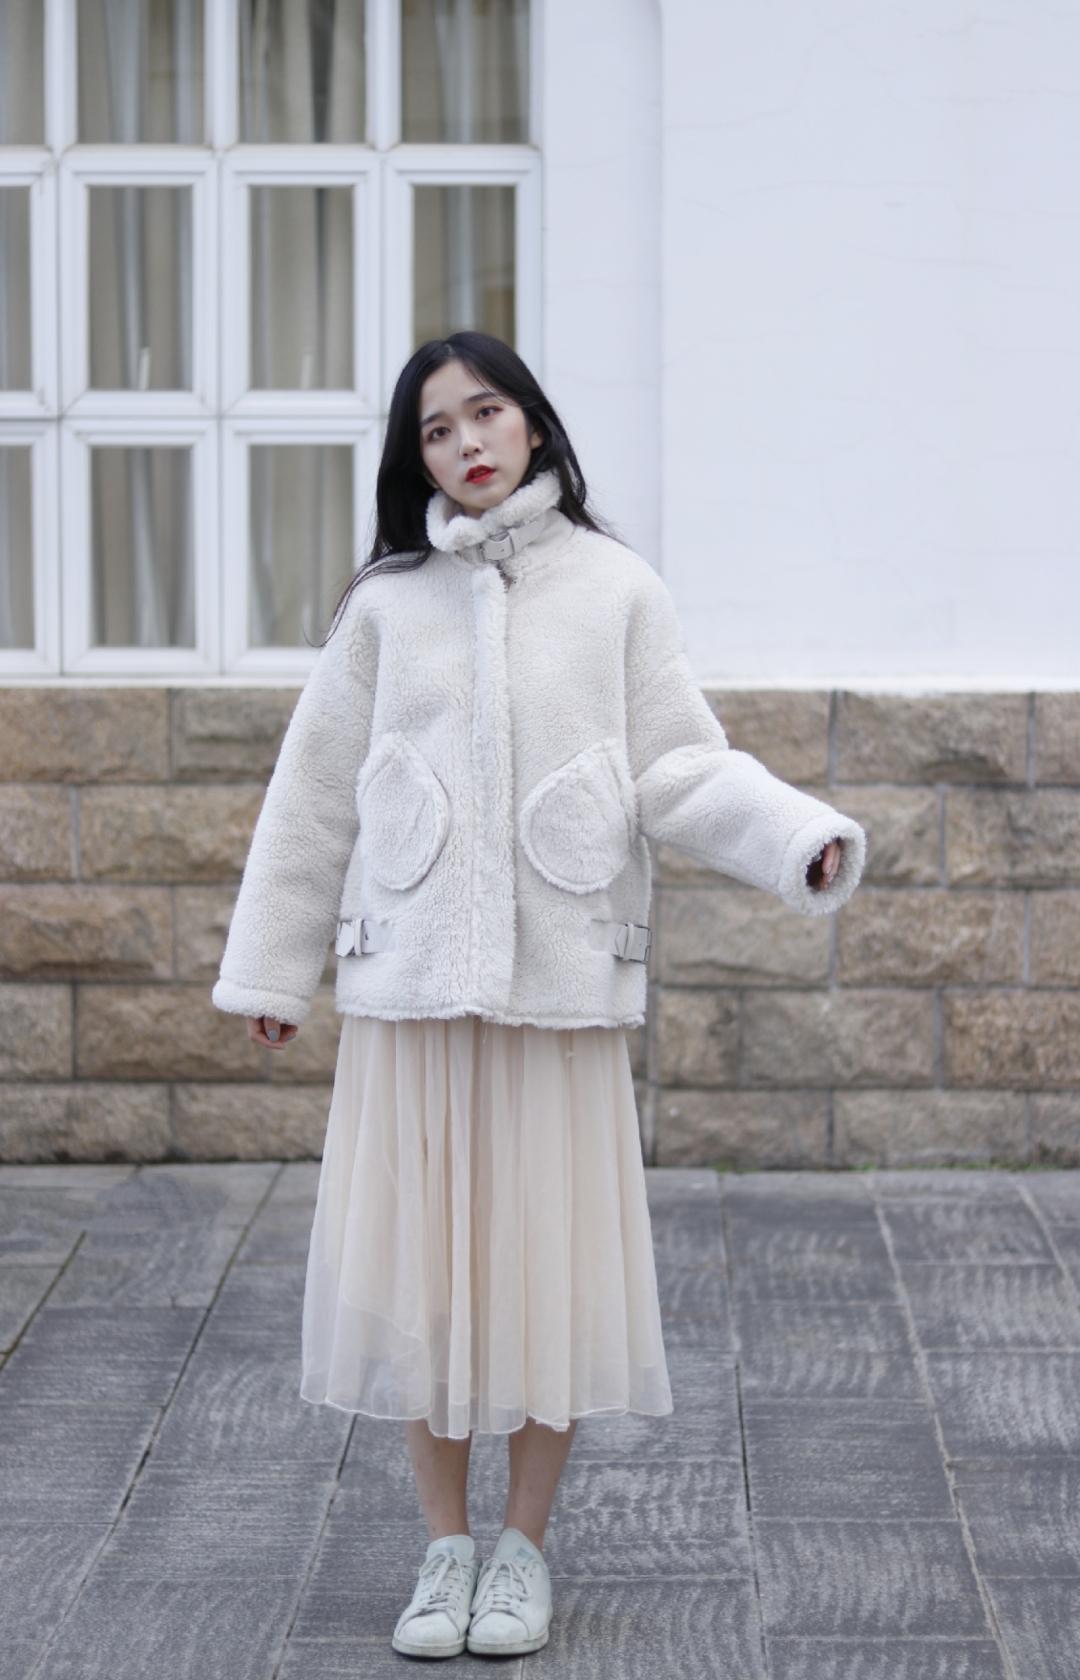 分享好看温柔的外套啦~我真的是个外套控 冬季好看温柔的外套真的非常吸引我啦 这款真的很保暖 领口竖起来非常有feel哇 有种韩国女生的感觉~浅色外套真的很温柔好看呢  然后搭配纱裙更显温柔啦 @LOOK君 #冬季韩系ins穿搭示范给你看#